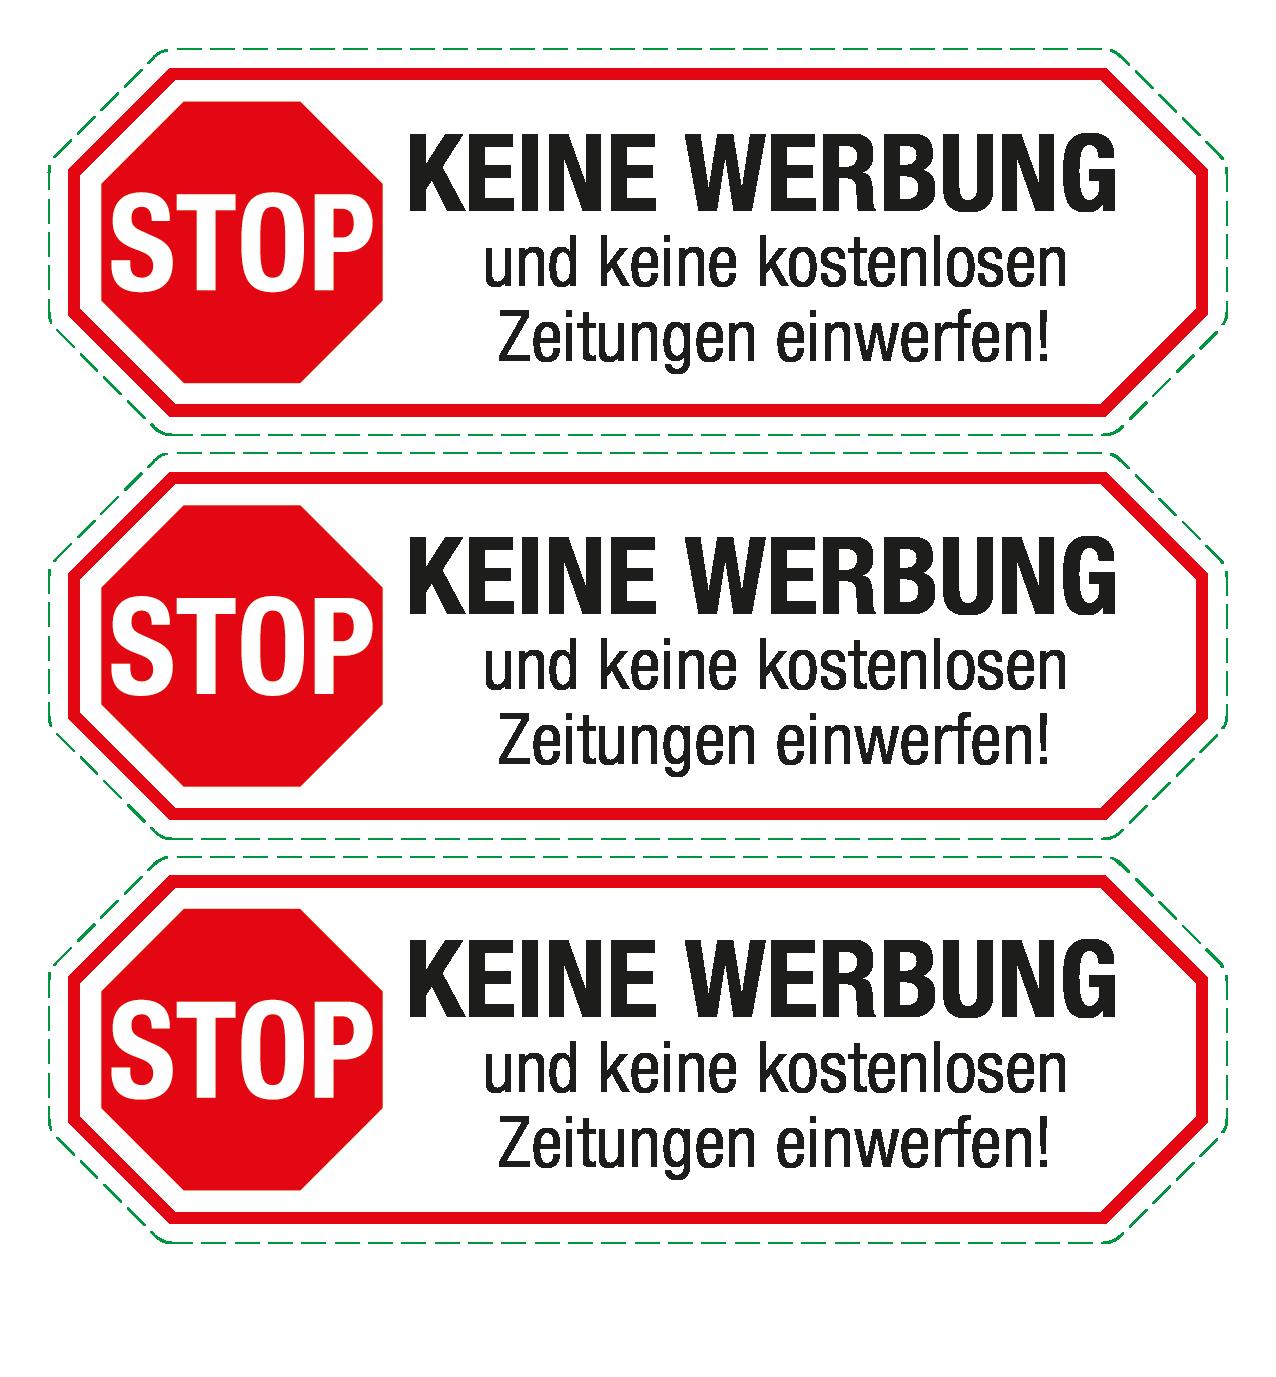 Briefkastenaufkleber Stop Keine Werbung Und Keine Kostenlosen